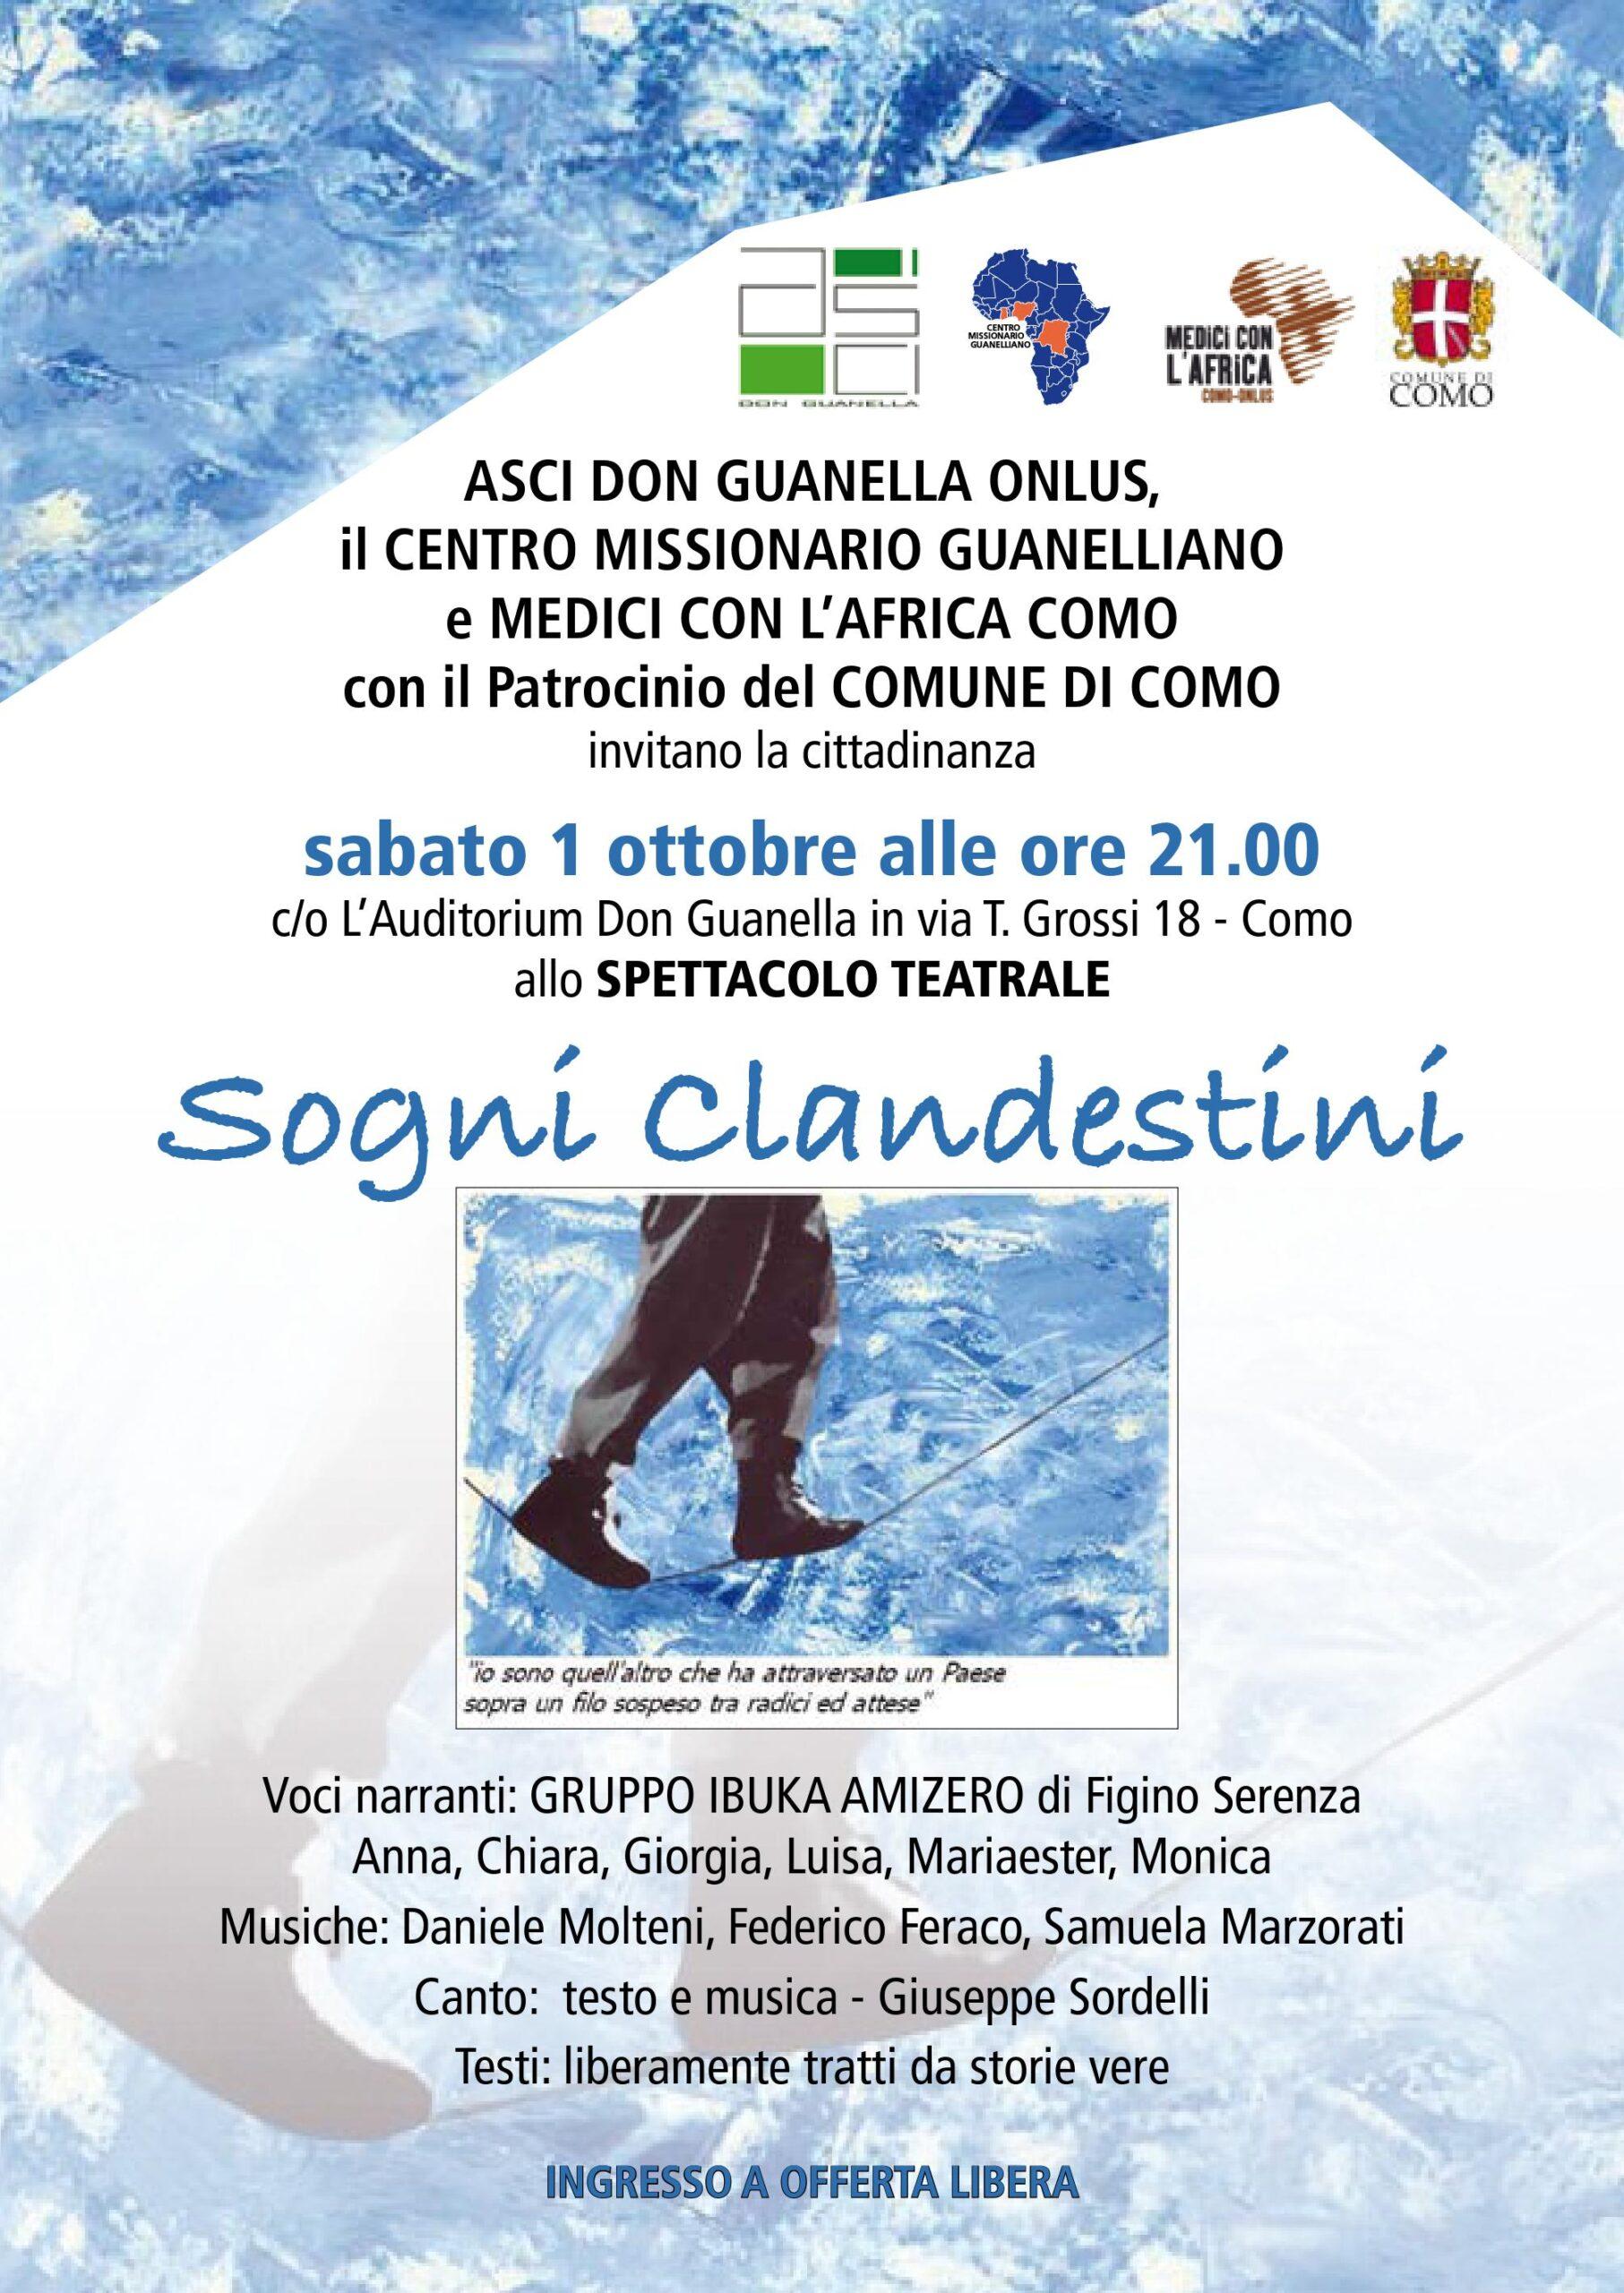 SPETTACOLO TEATRALE 1 OTTOBRE all'Auditorium San Luigi Guannella a Como – SOGNI CLANDESTINI